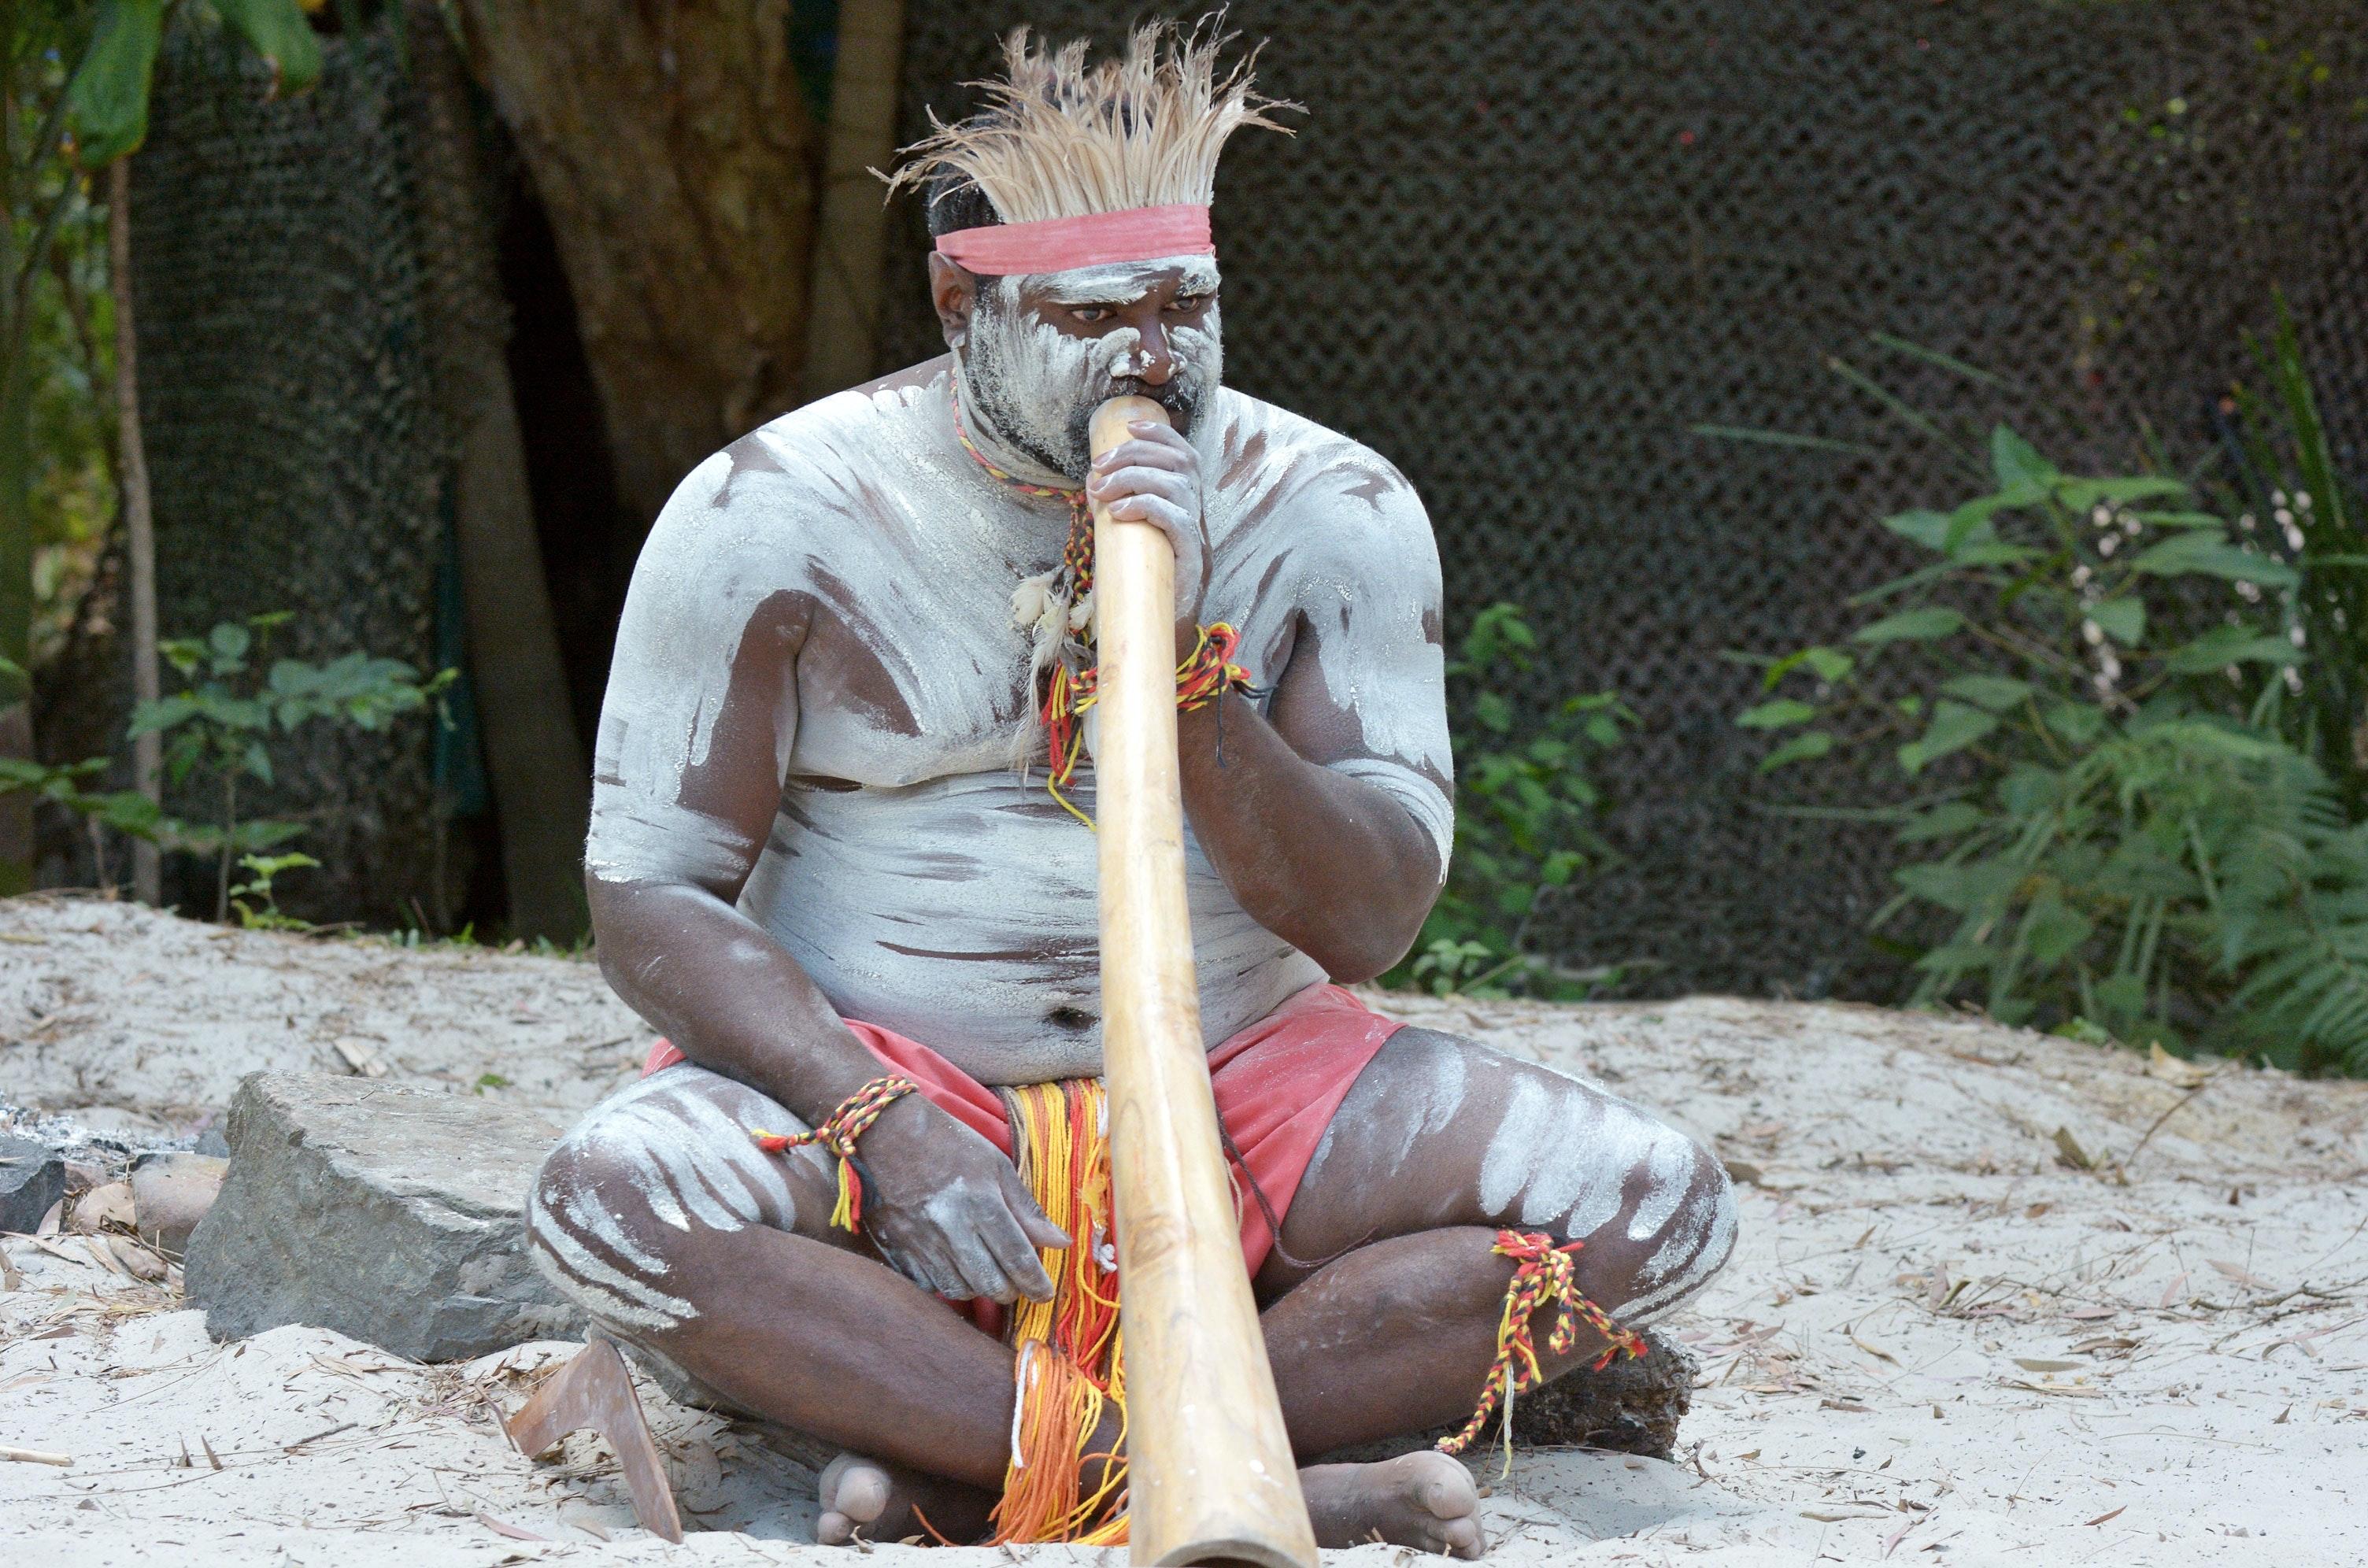 inhaler pust cirkulært åndedræt didgeridoo